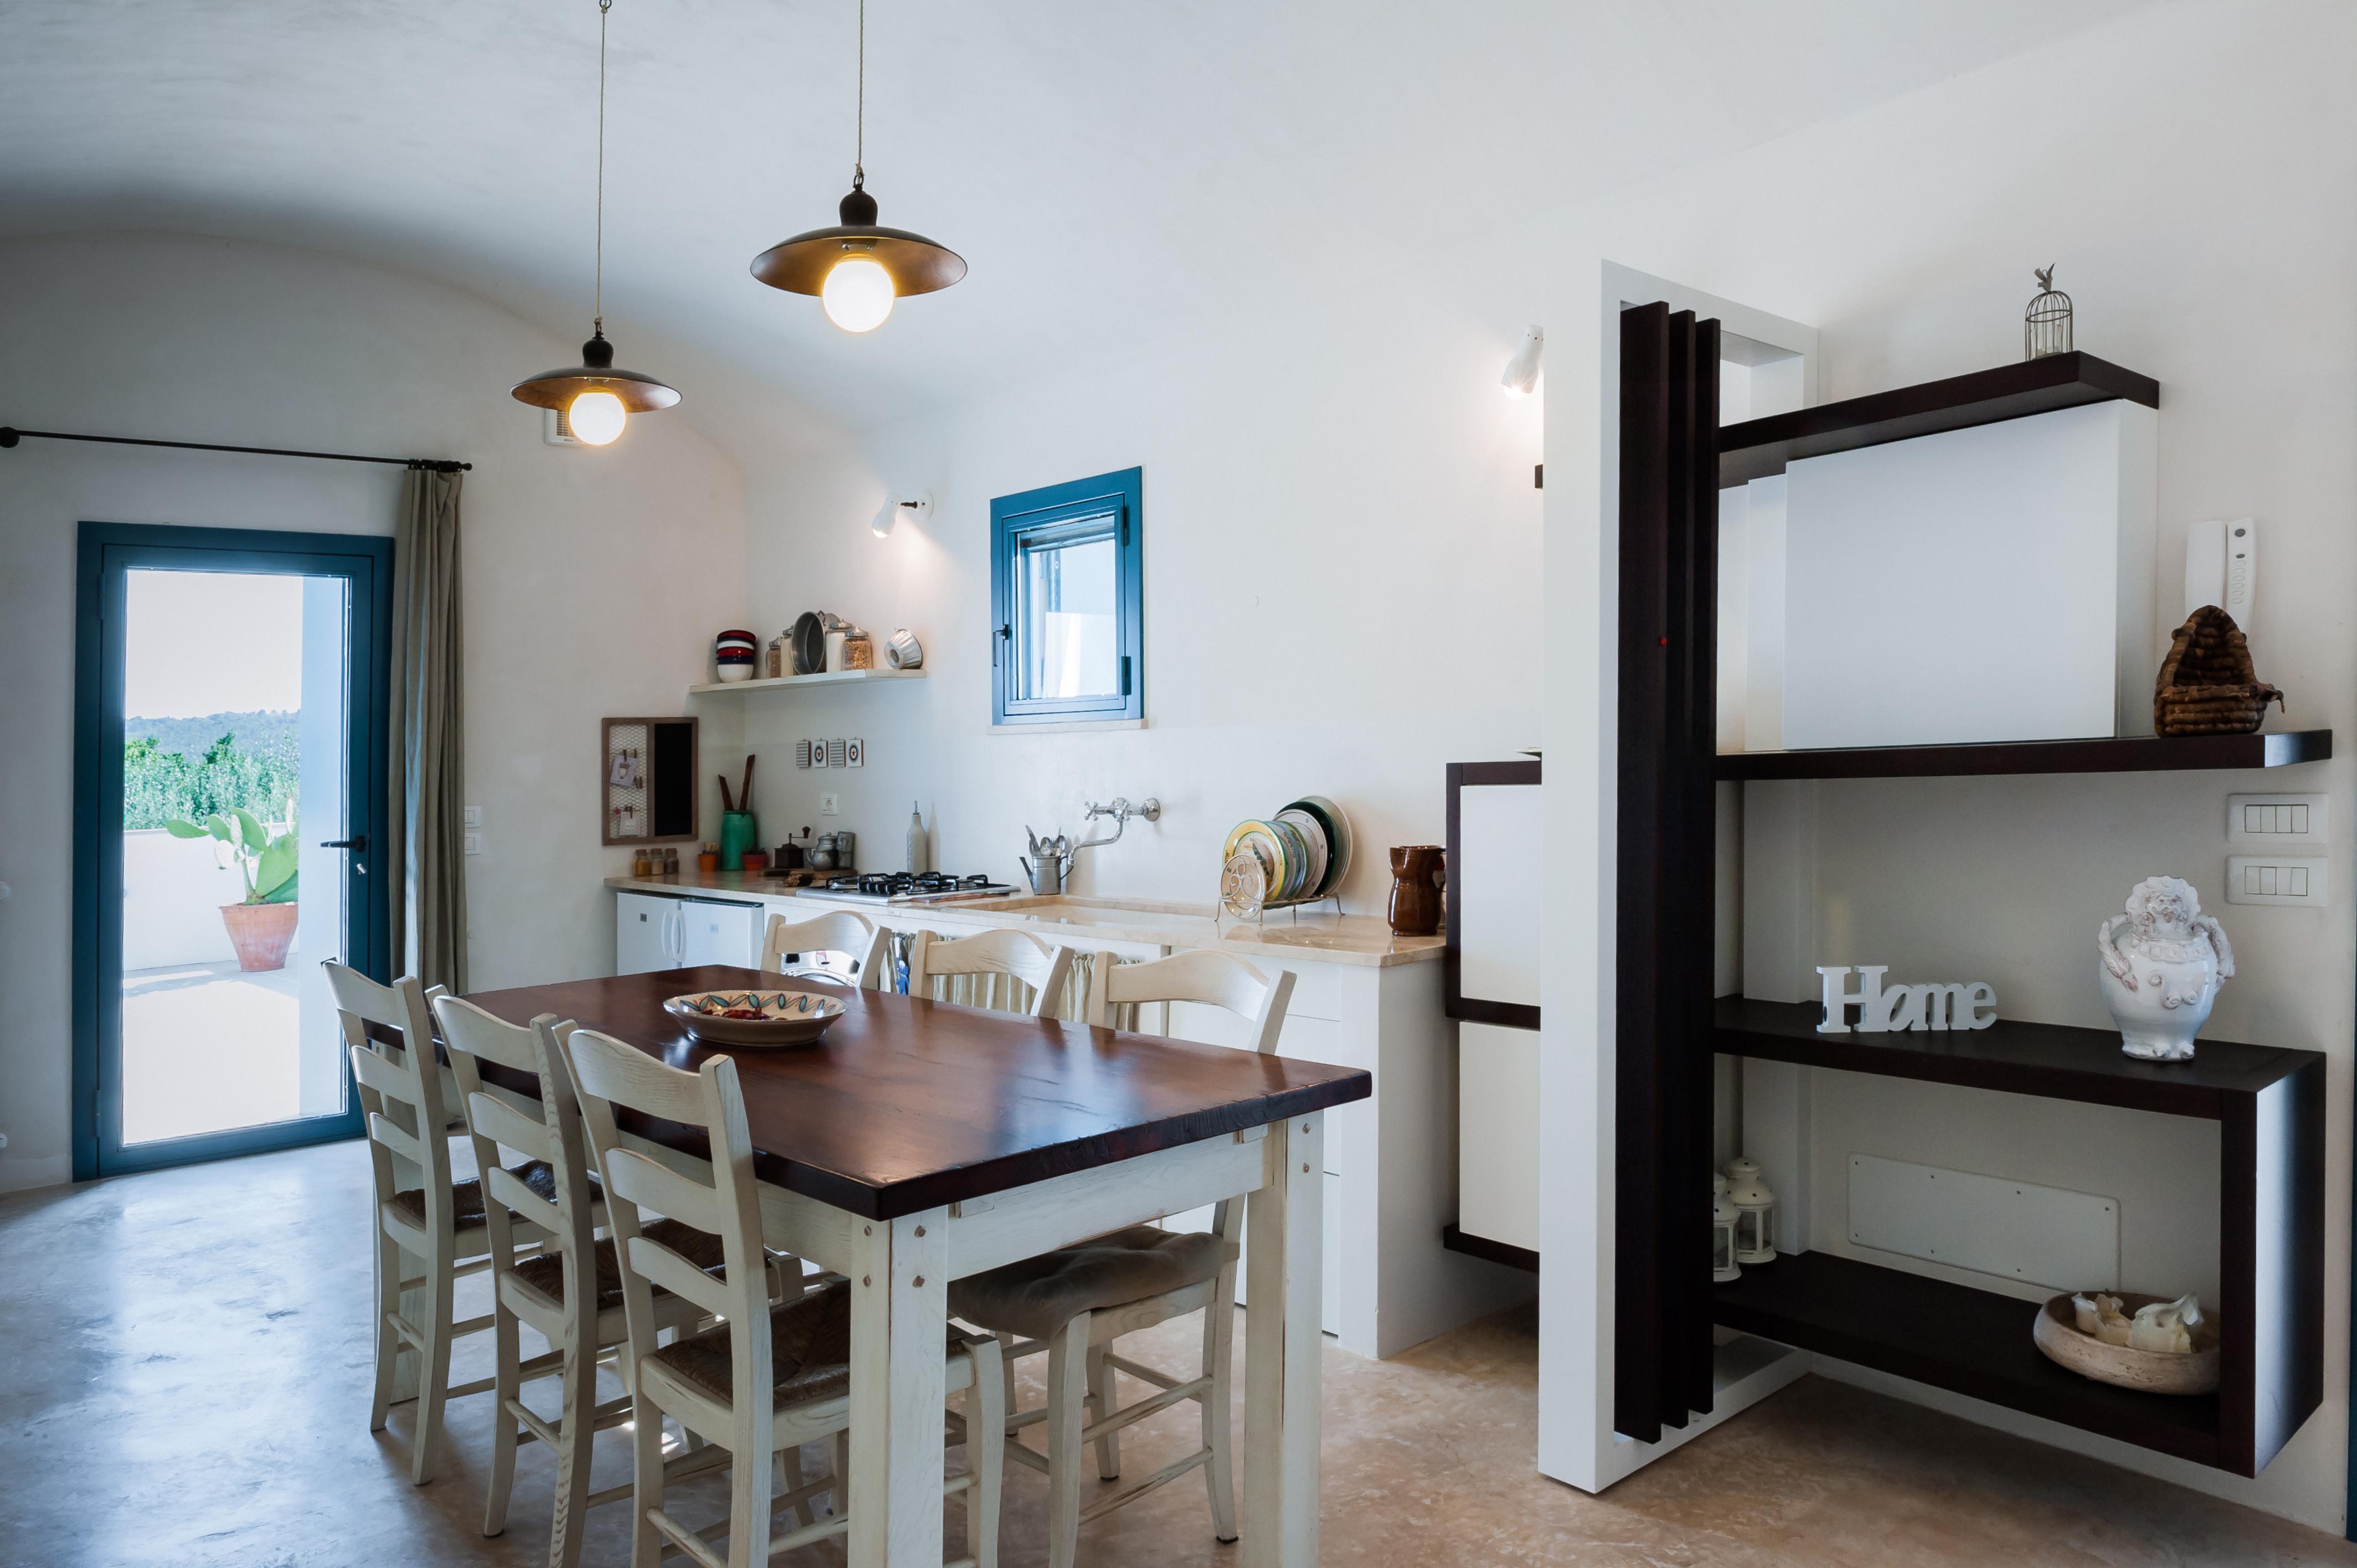 La nostra cucina accoglie gli ospiti facendoli sentire a casa...